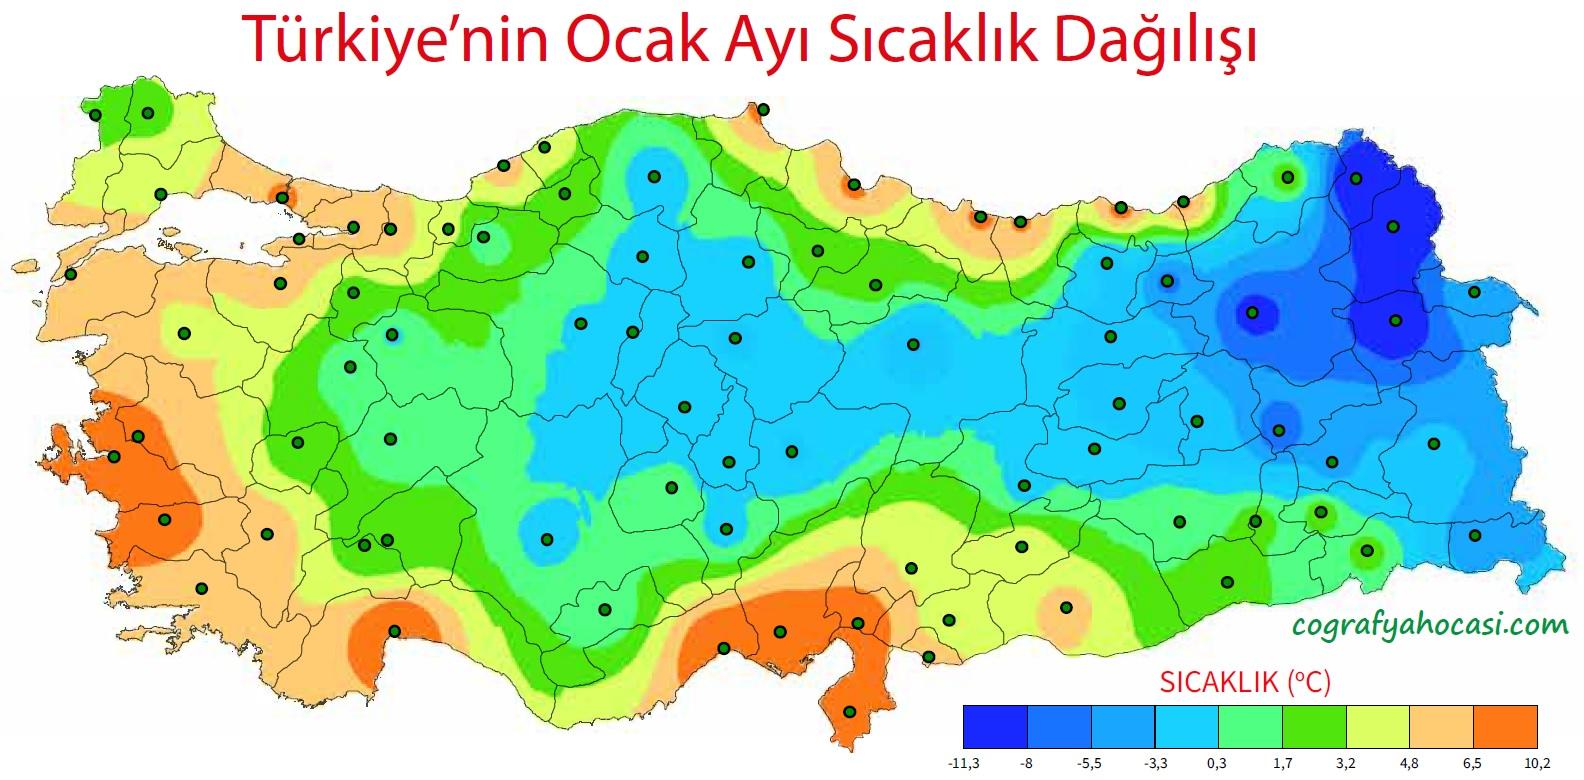 Türkiye'nin Ocak Ayı Ortalama Sıcaklık Dağılış Haritası